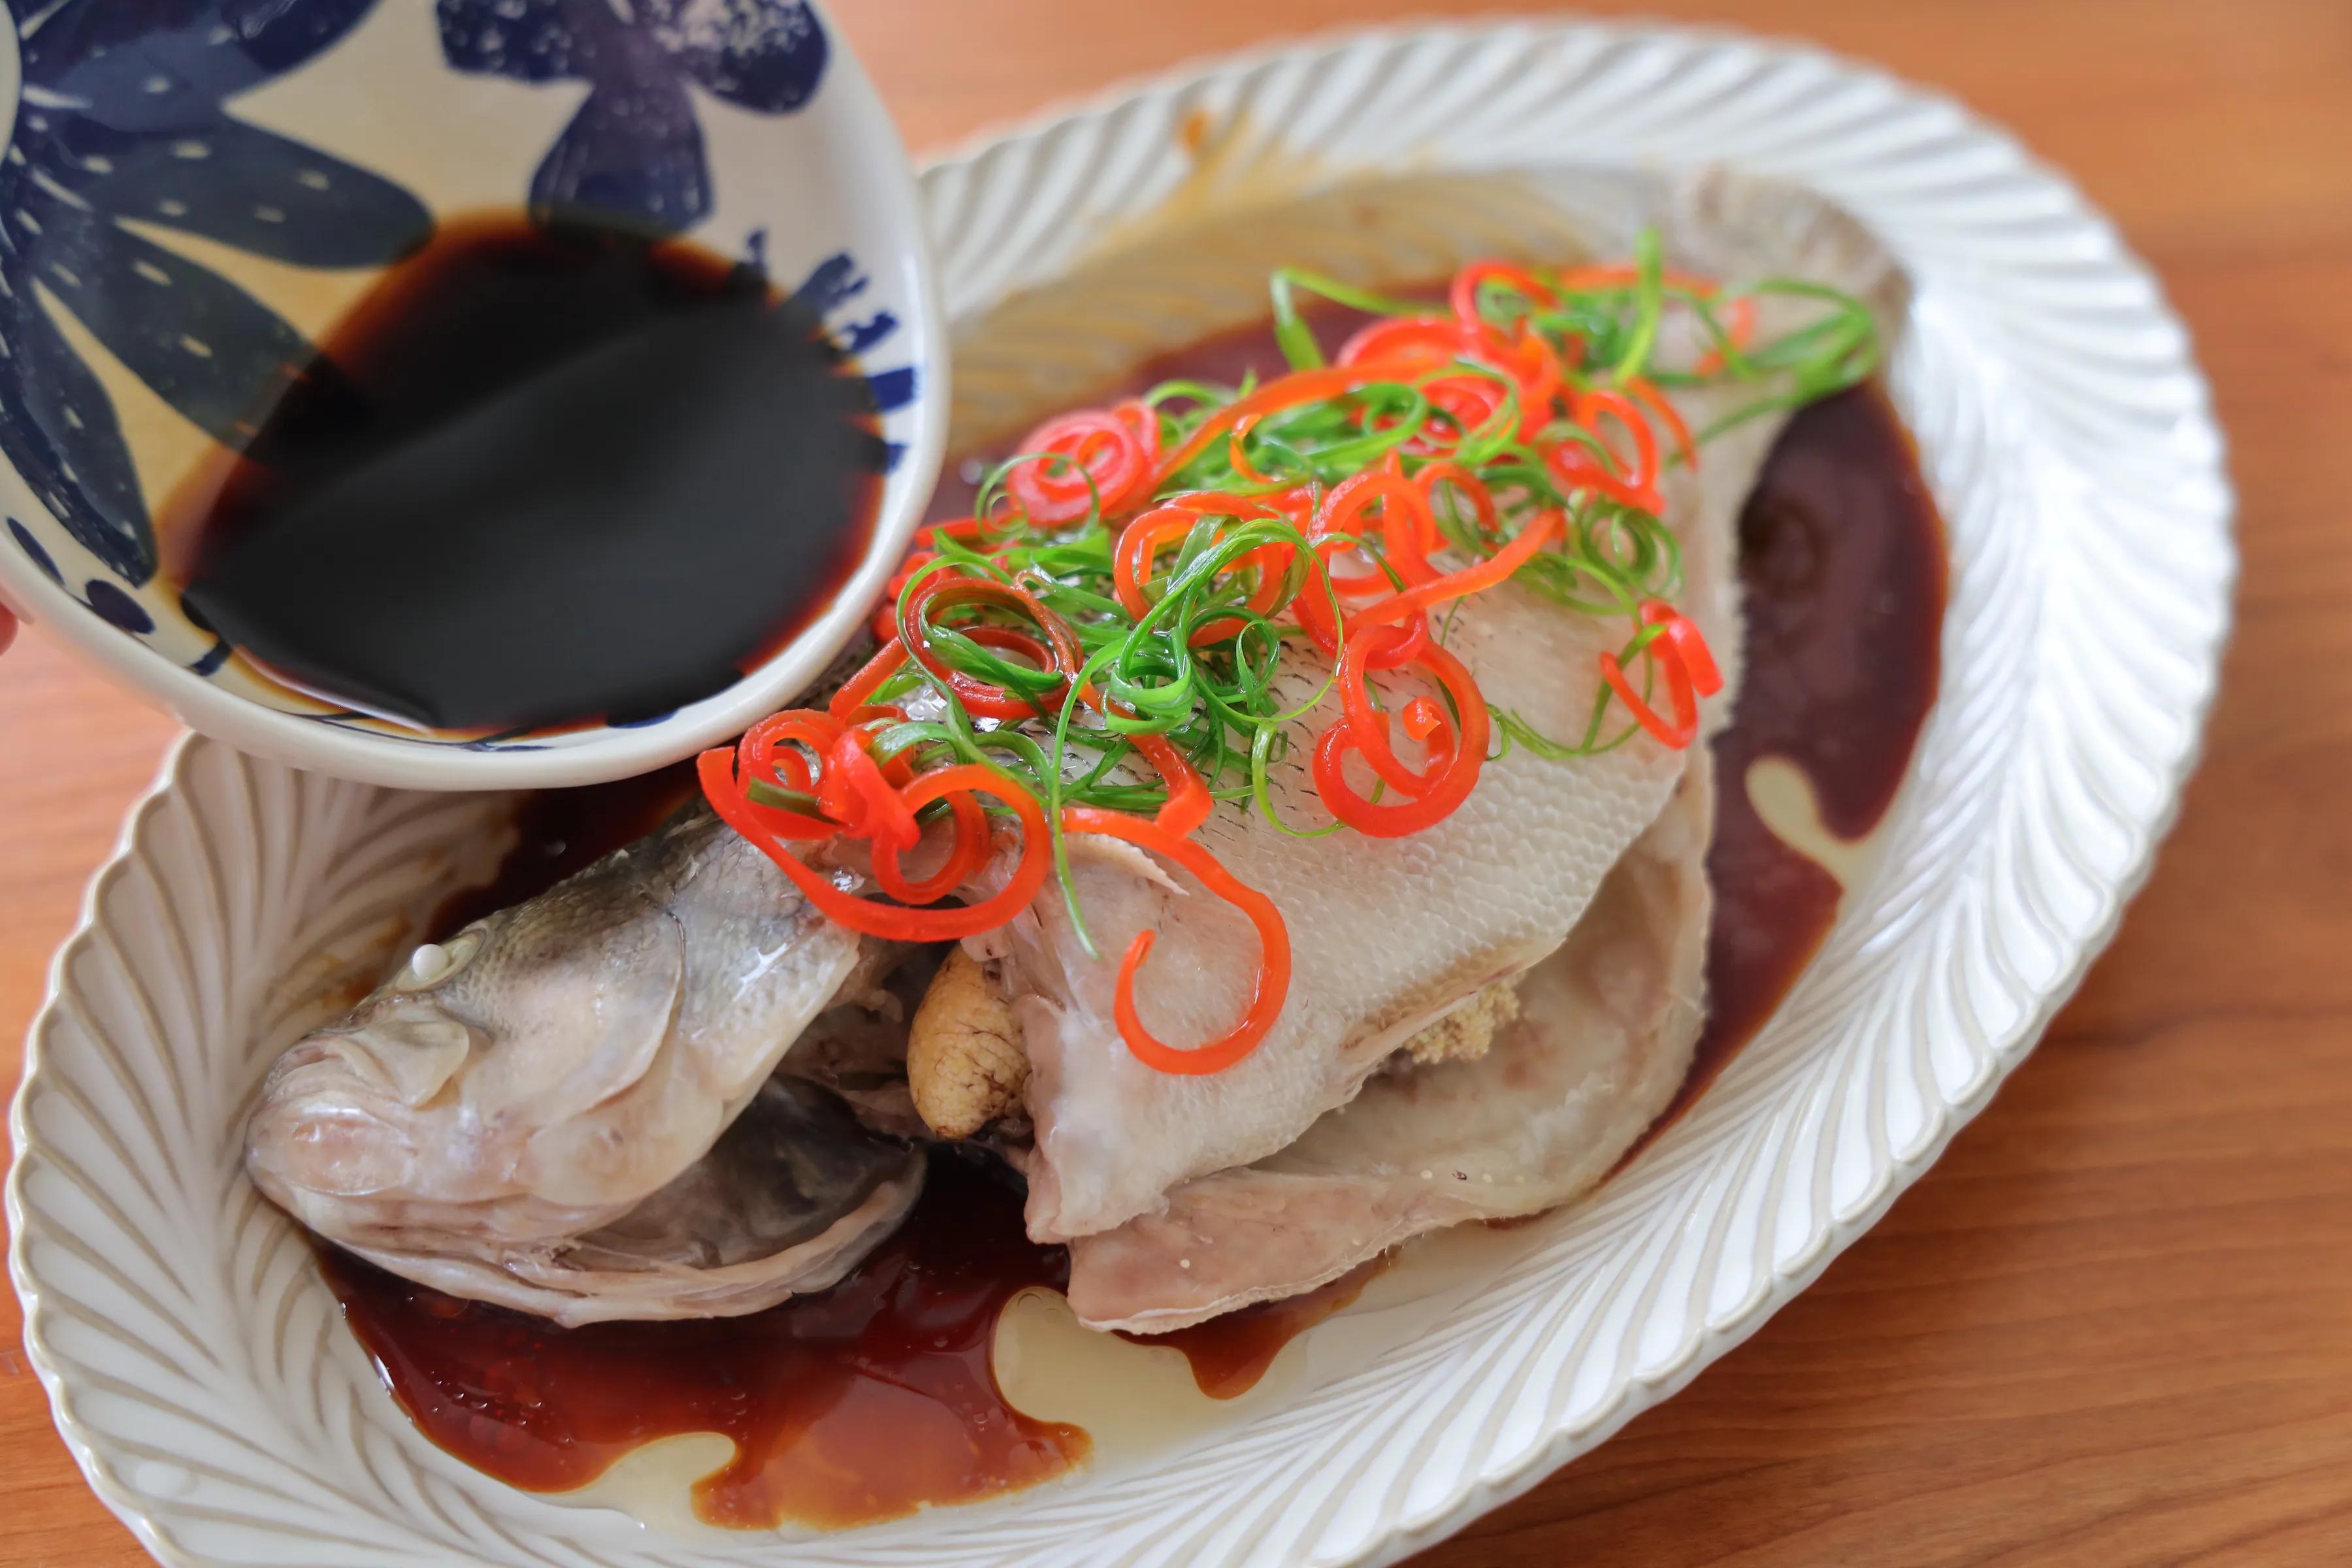 孩子最愛吃的清蒸鱸魚,簡單蒸一蒸,肉質鮮嫩,清淡不油膩